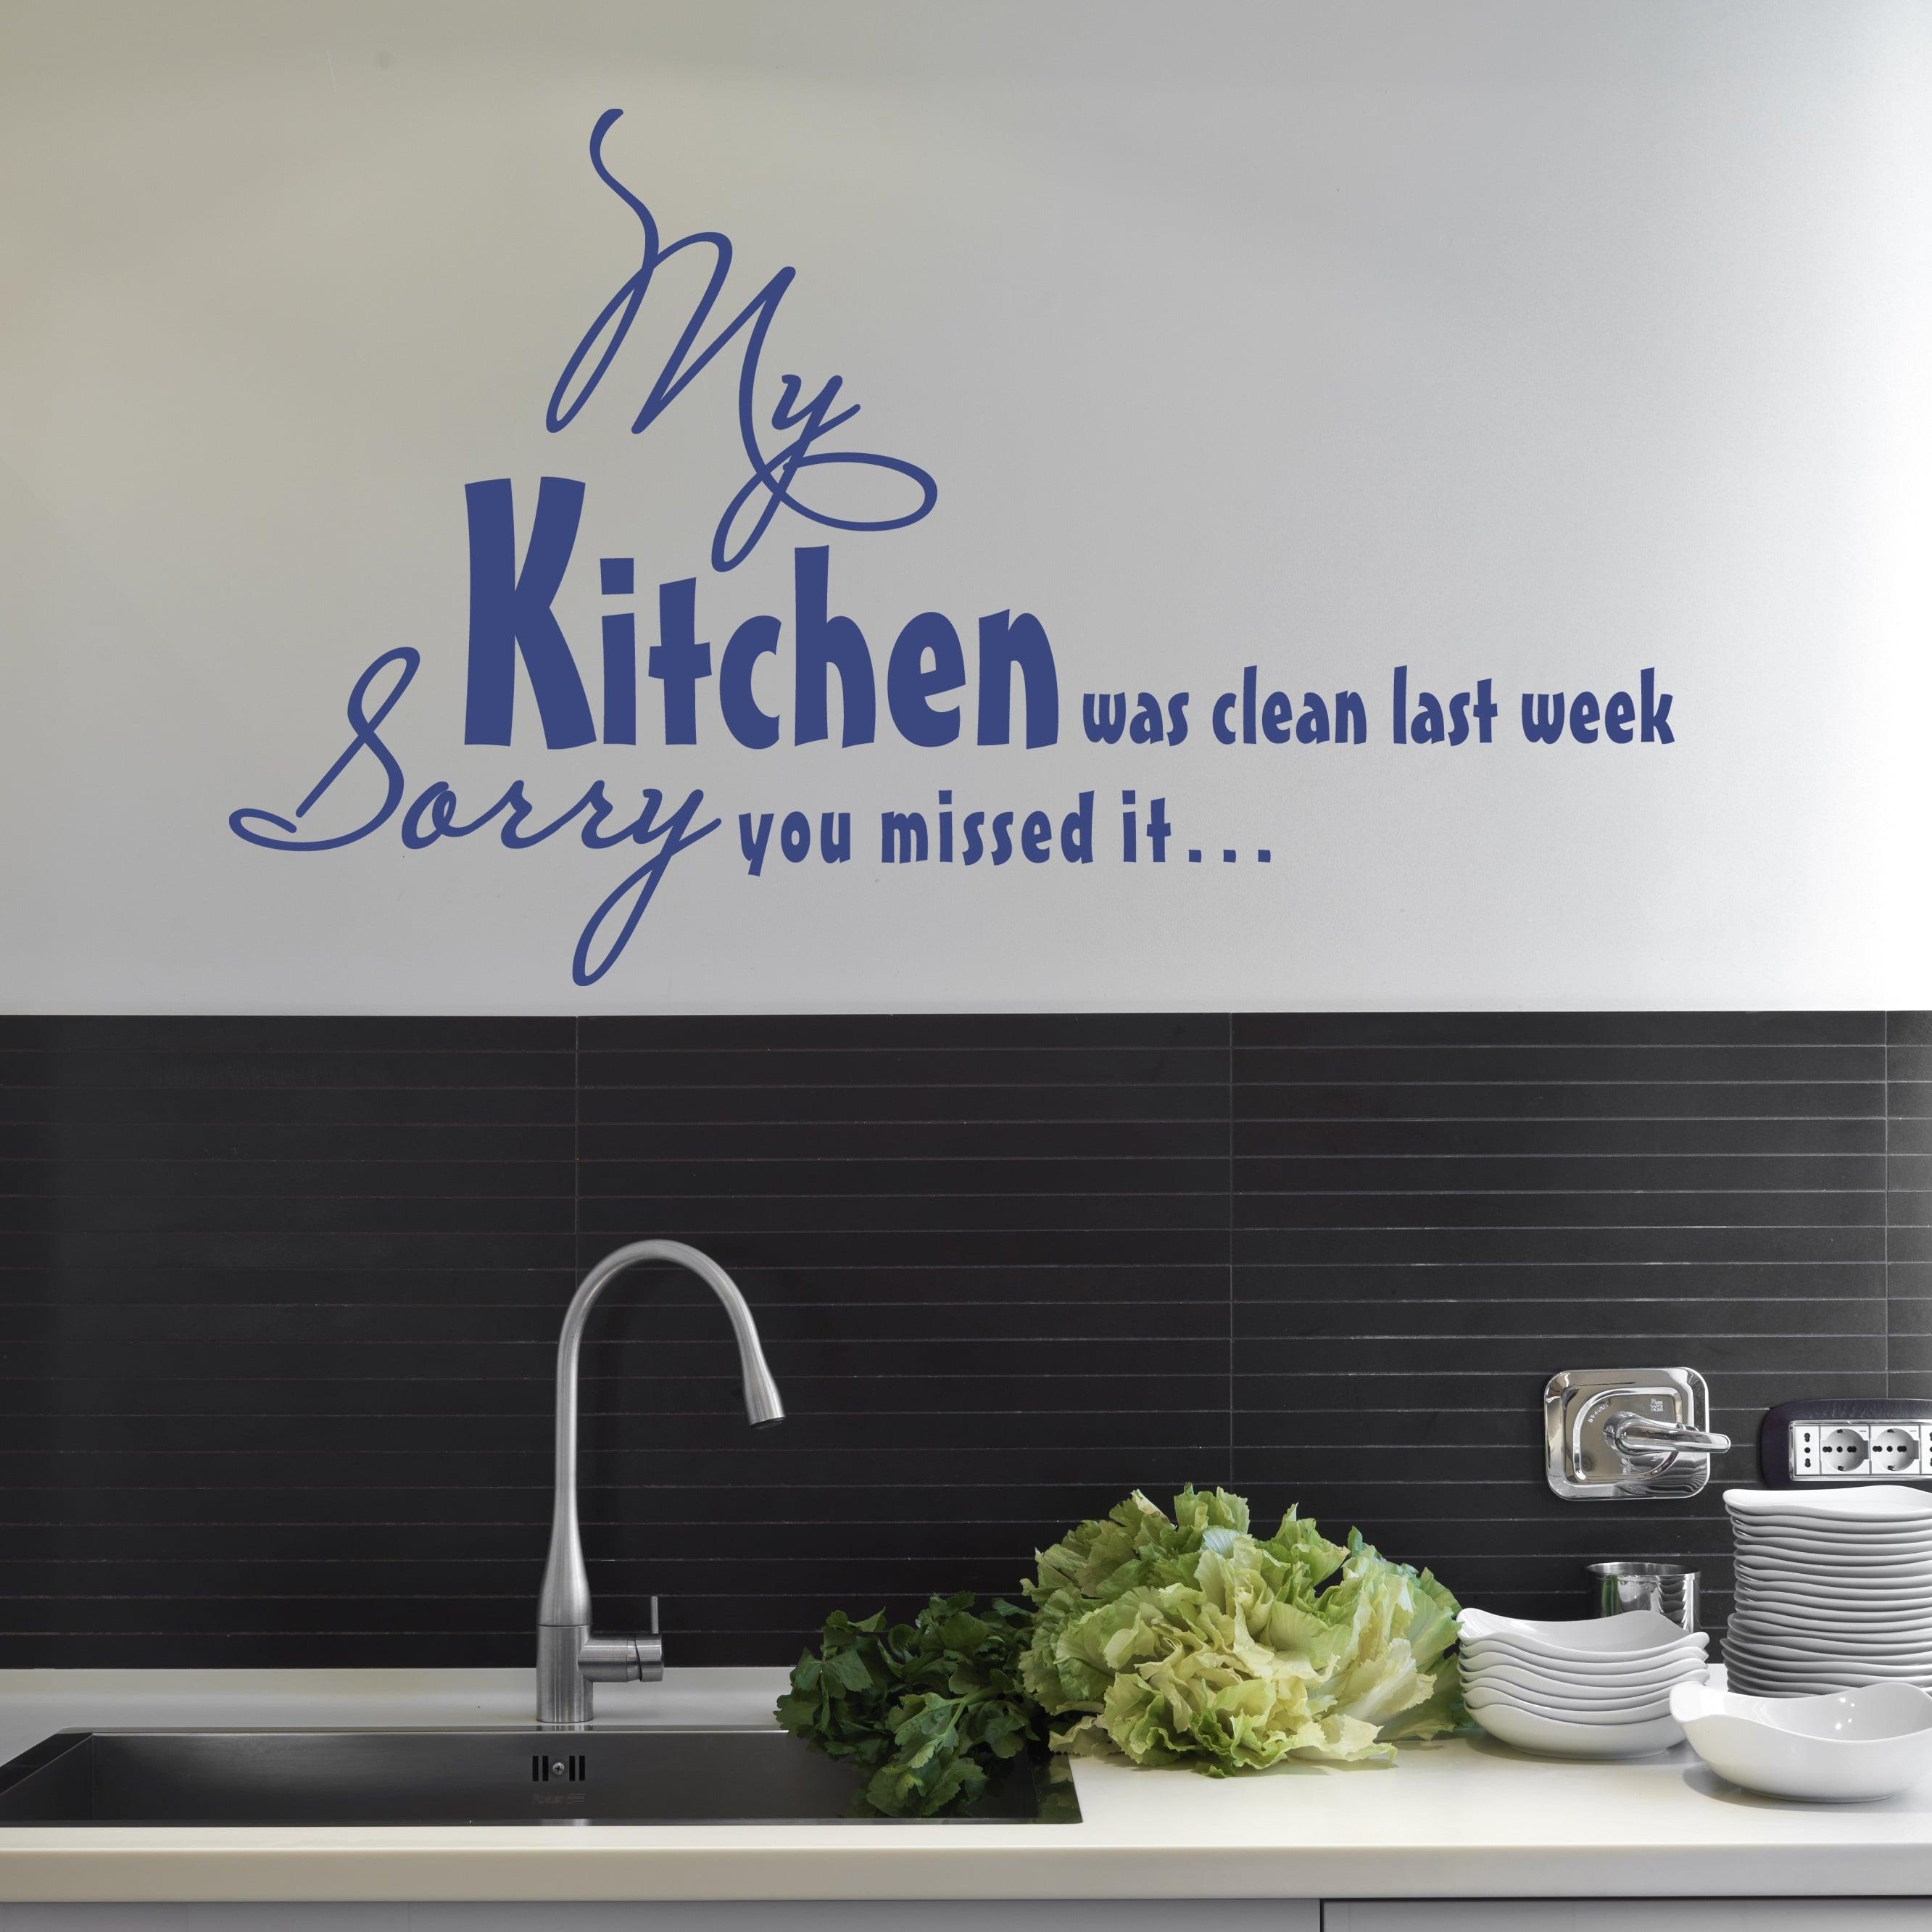 Wallsticker My Kitchen was clean last Week